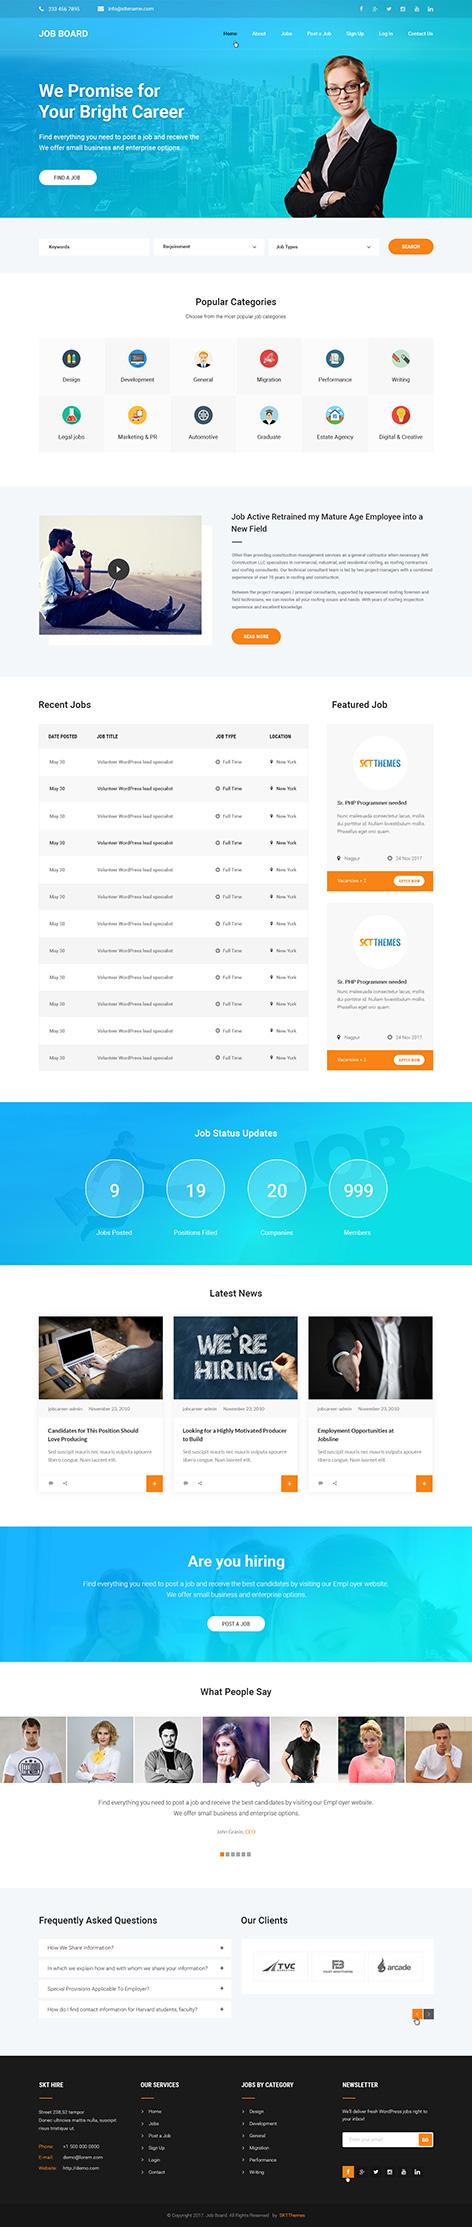 job portal wordpress theme new - Job Portal